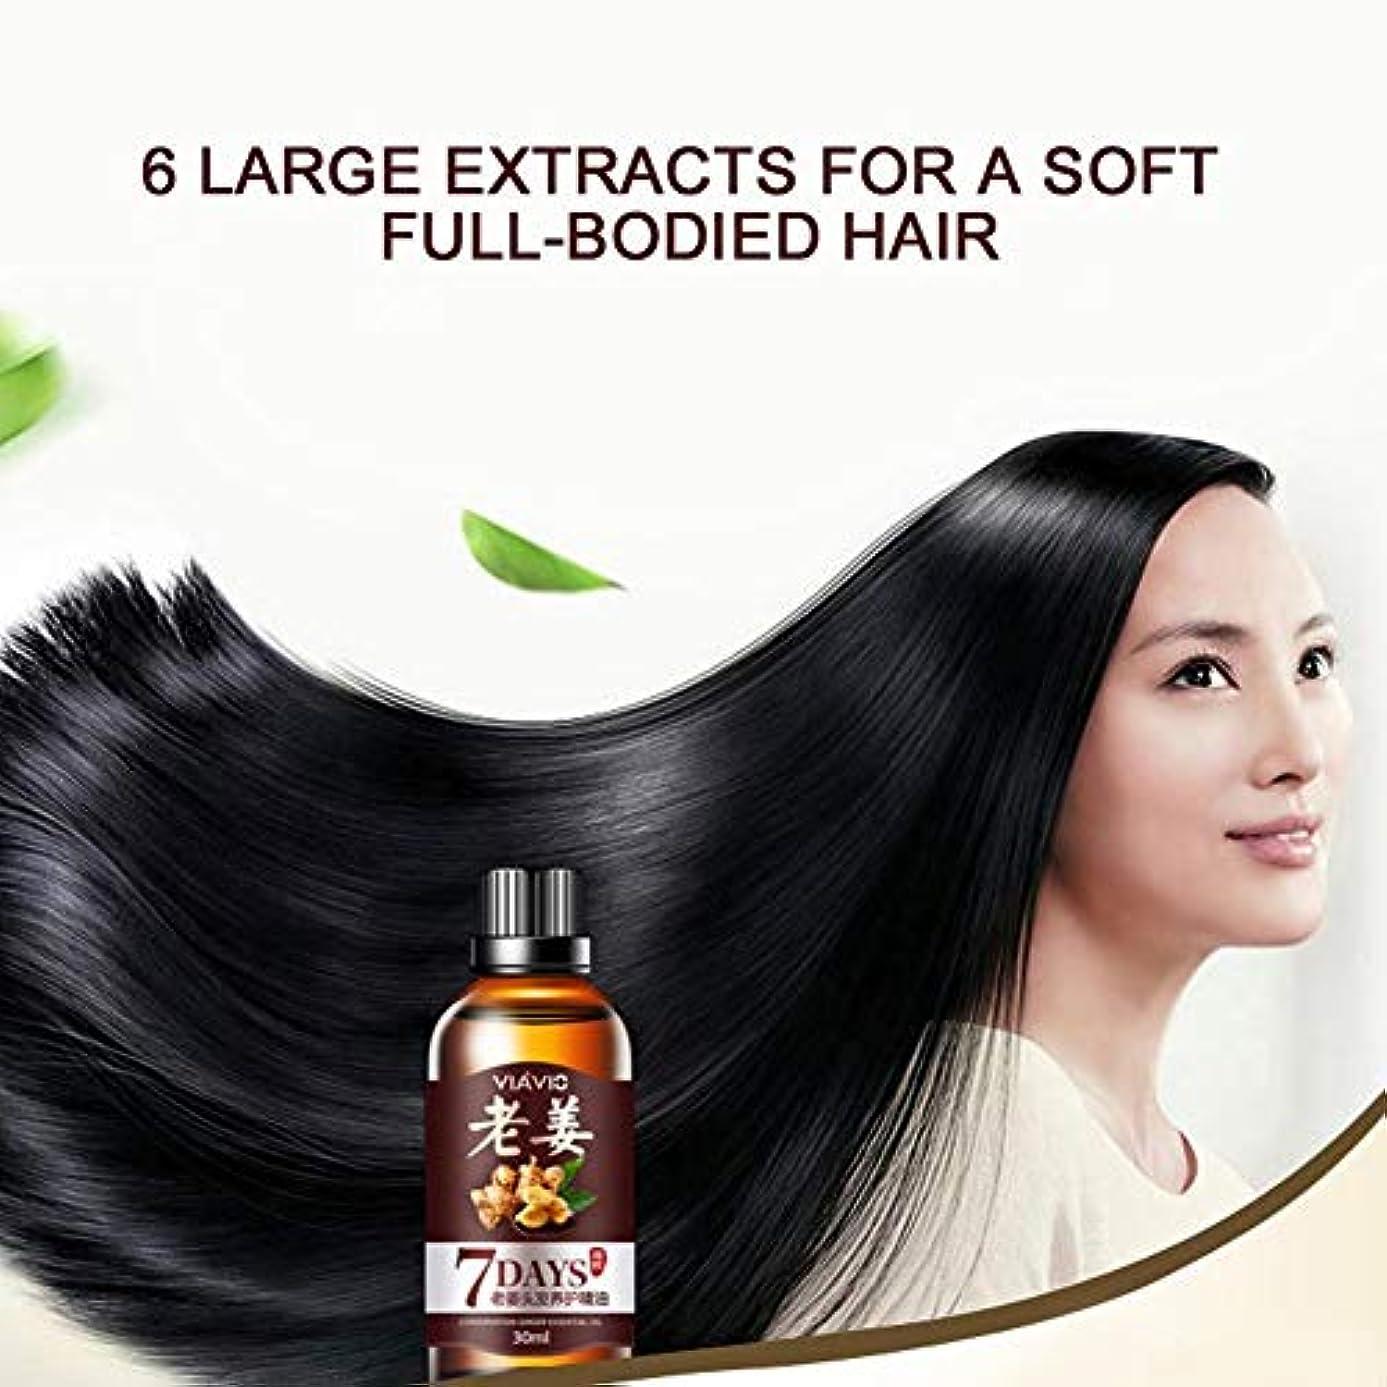 熟考するママ酔っ払いBETTER YOU (ベター ュー) 育毛剤 抜け毛防止する 髪の量と密度を増やす